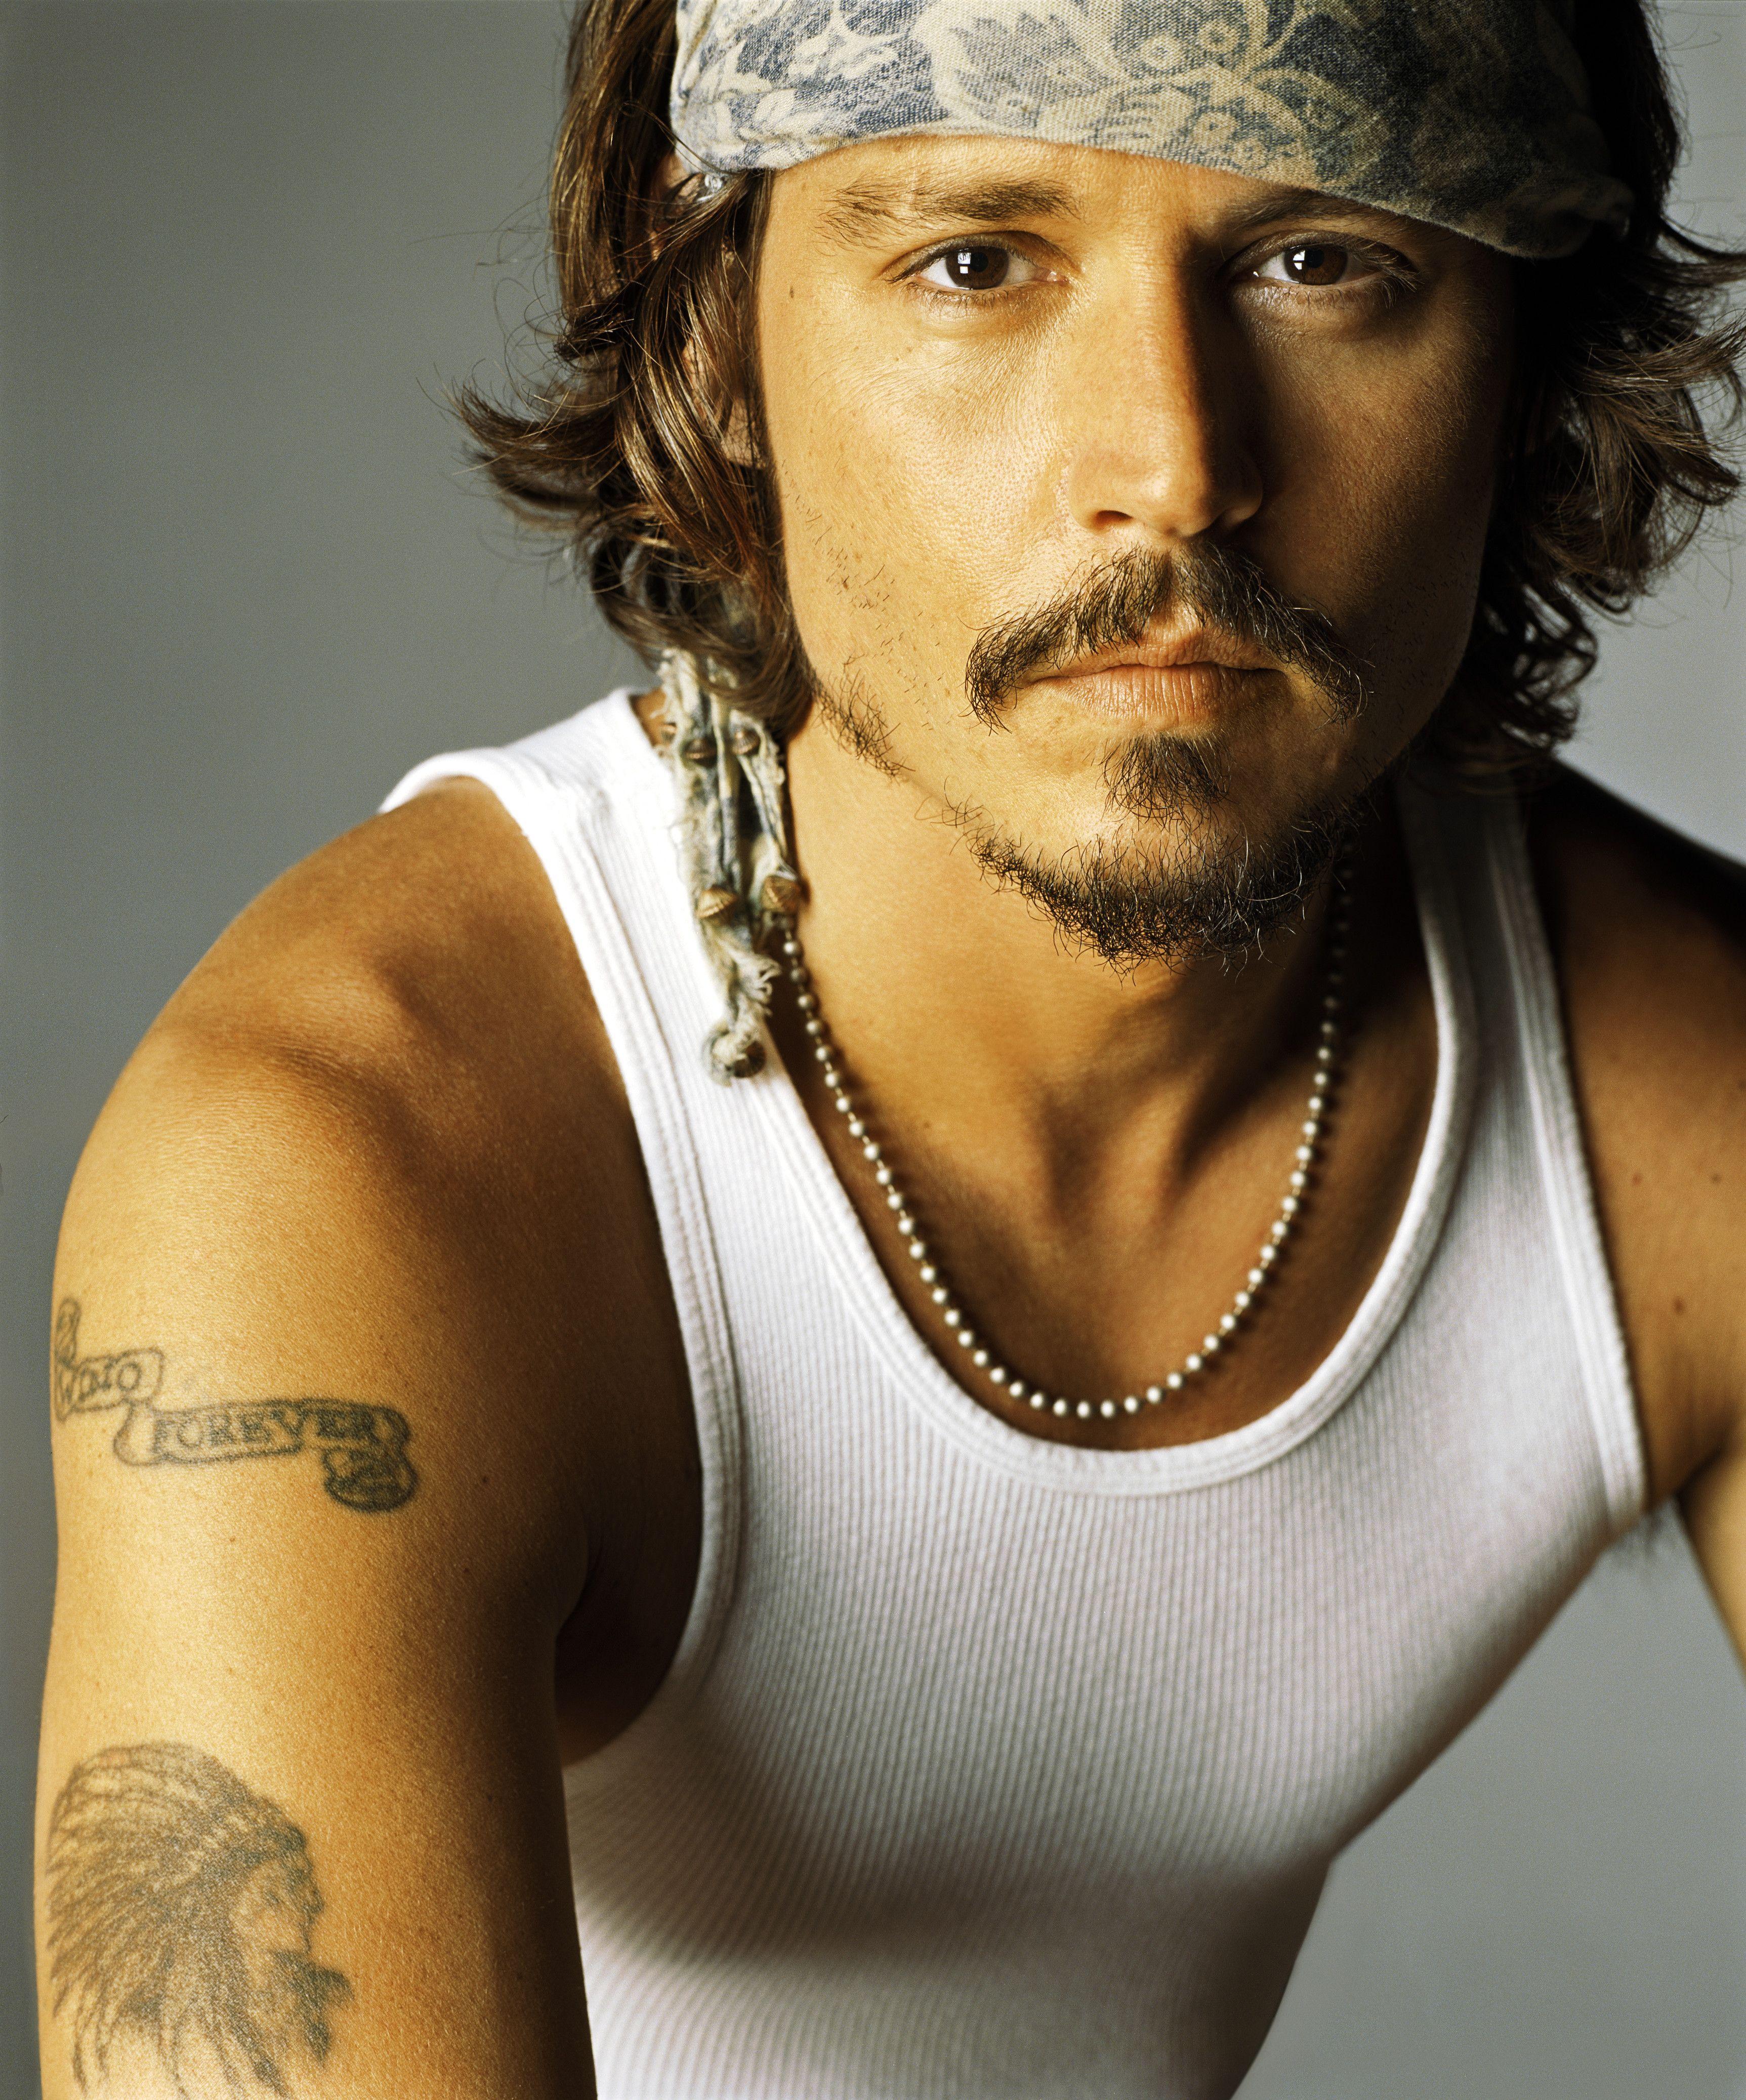 http://images6.fanpop.com/image/photos/32600000/Johnny-Depp-johnny-depp-32659258-3450-4149.jpg